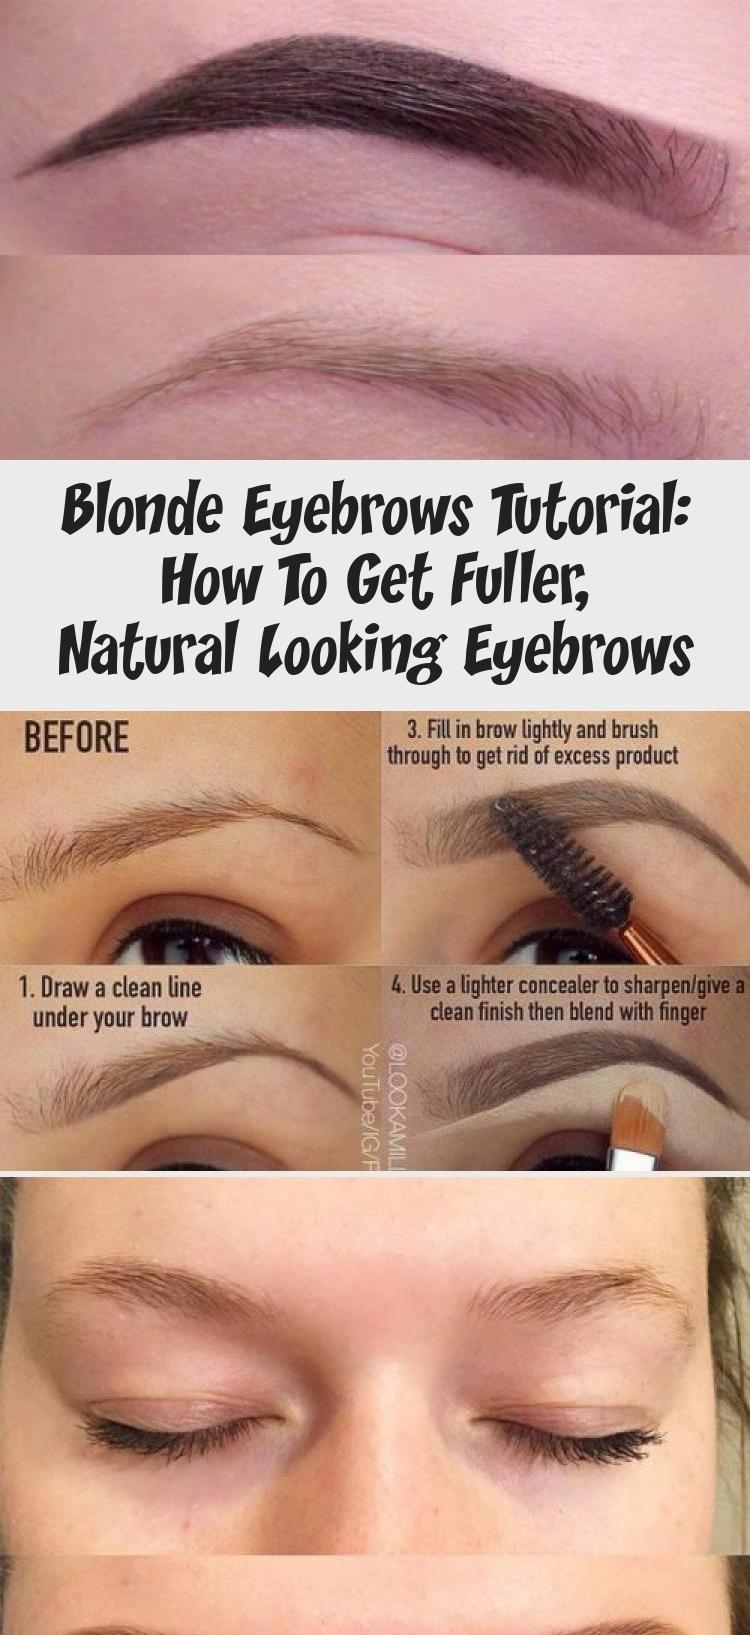 Blonde Eyebrows Tutorial How To Get Fuller Natural Looking Eyebrows Eyebrow Tutorial Blonde Eyebrows Eyebrows